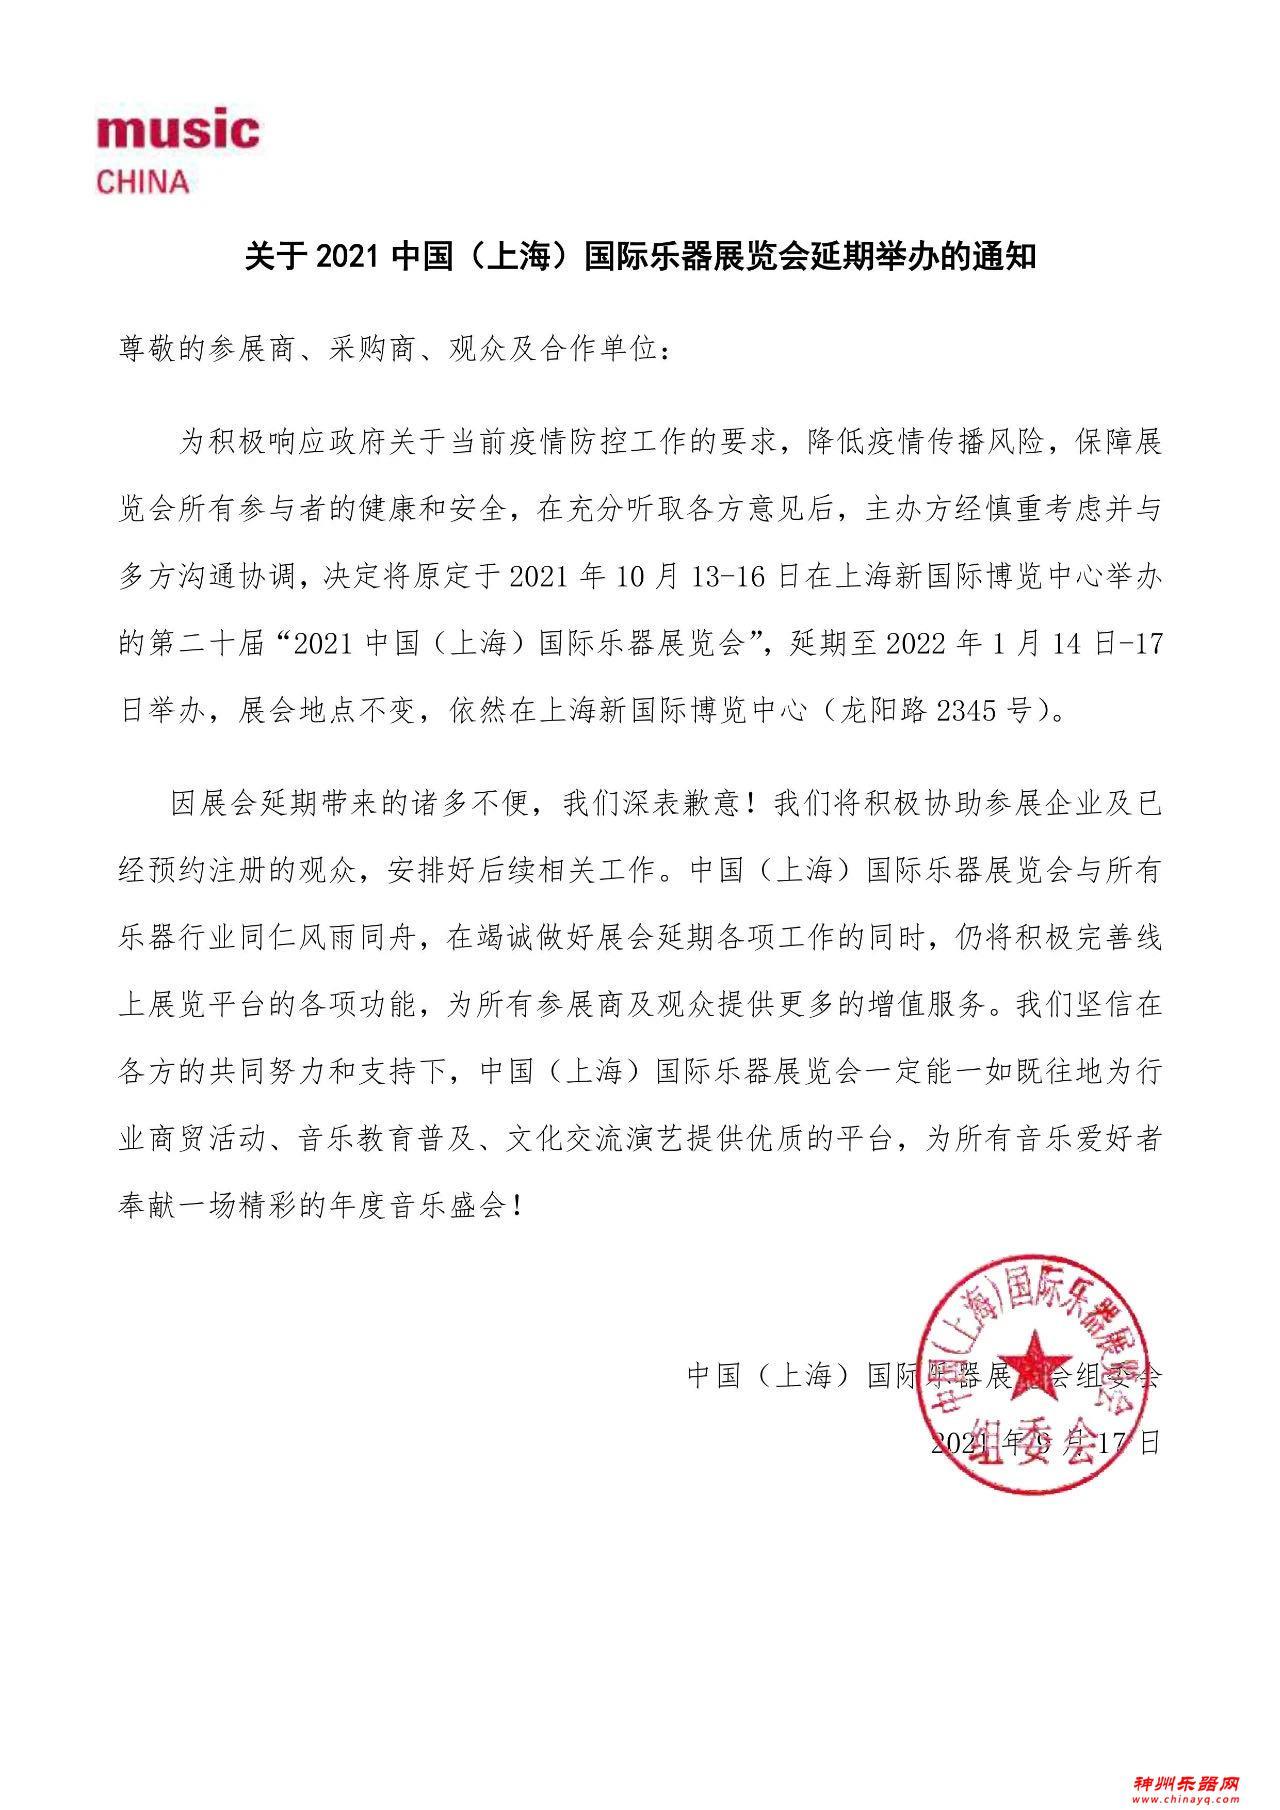 关于2021中国(上海)国际乐器展览会  延期举办的通知